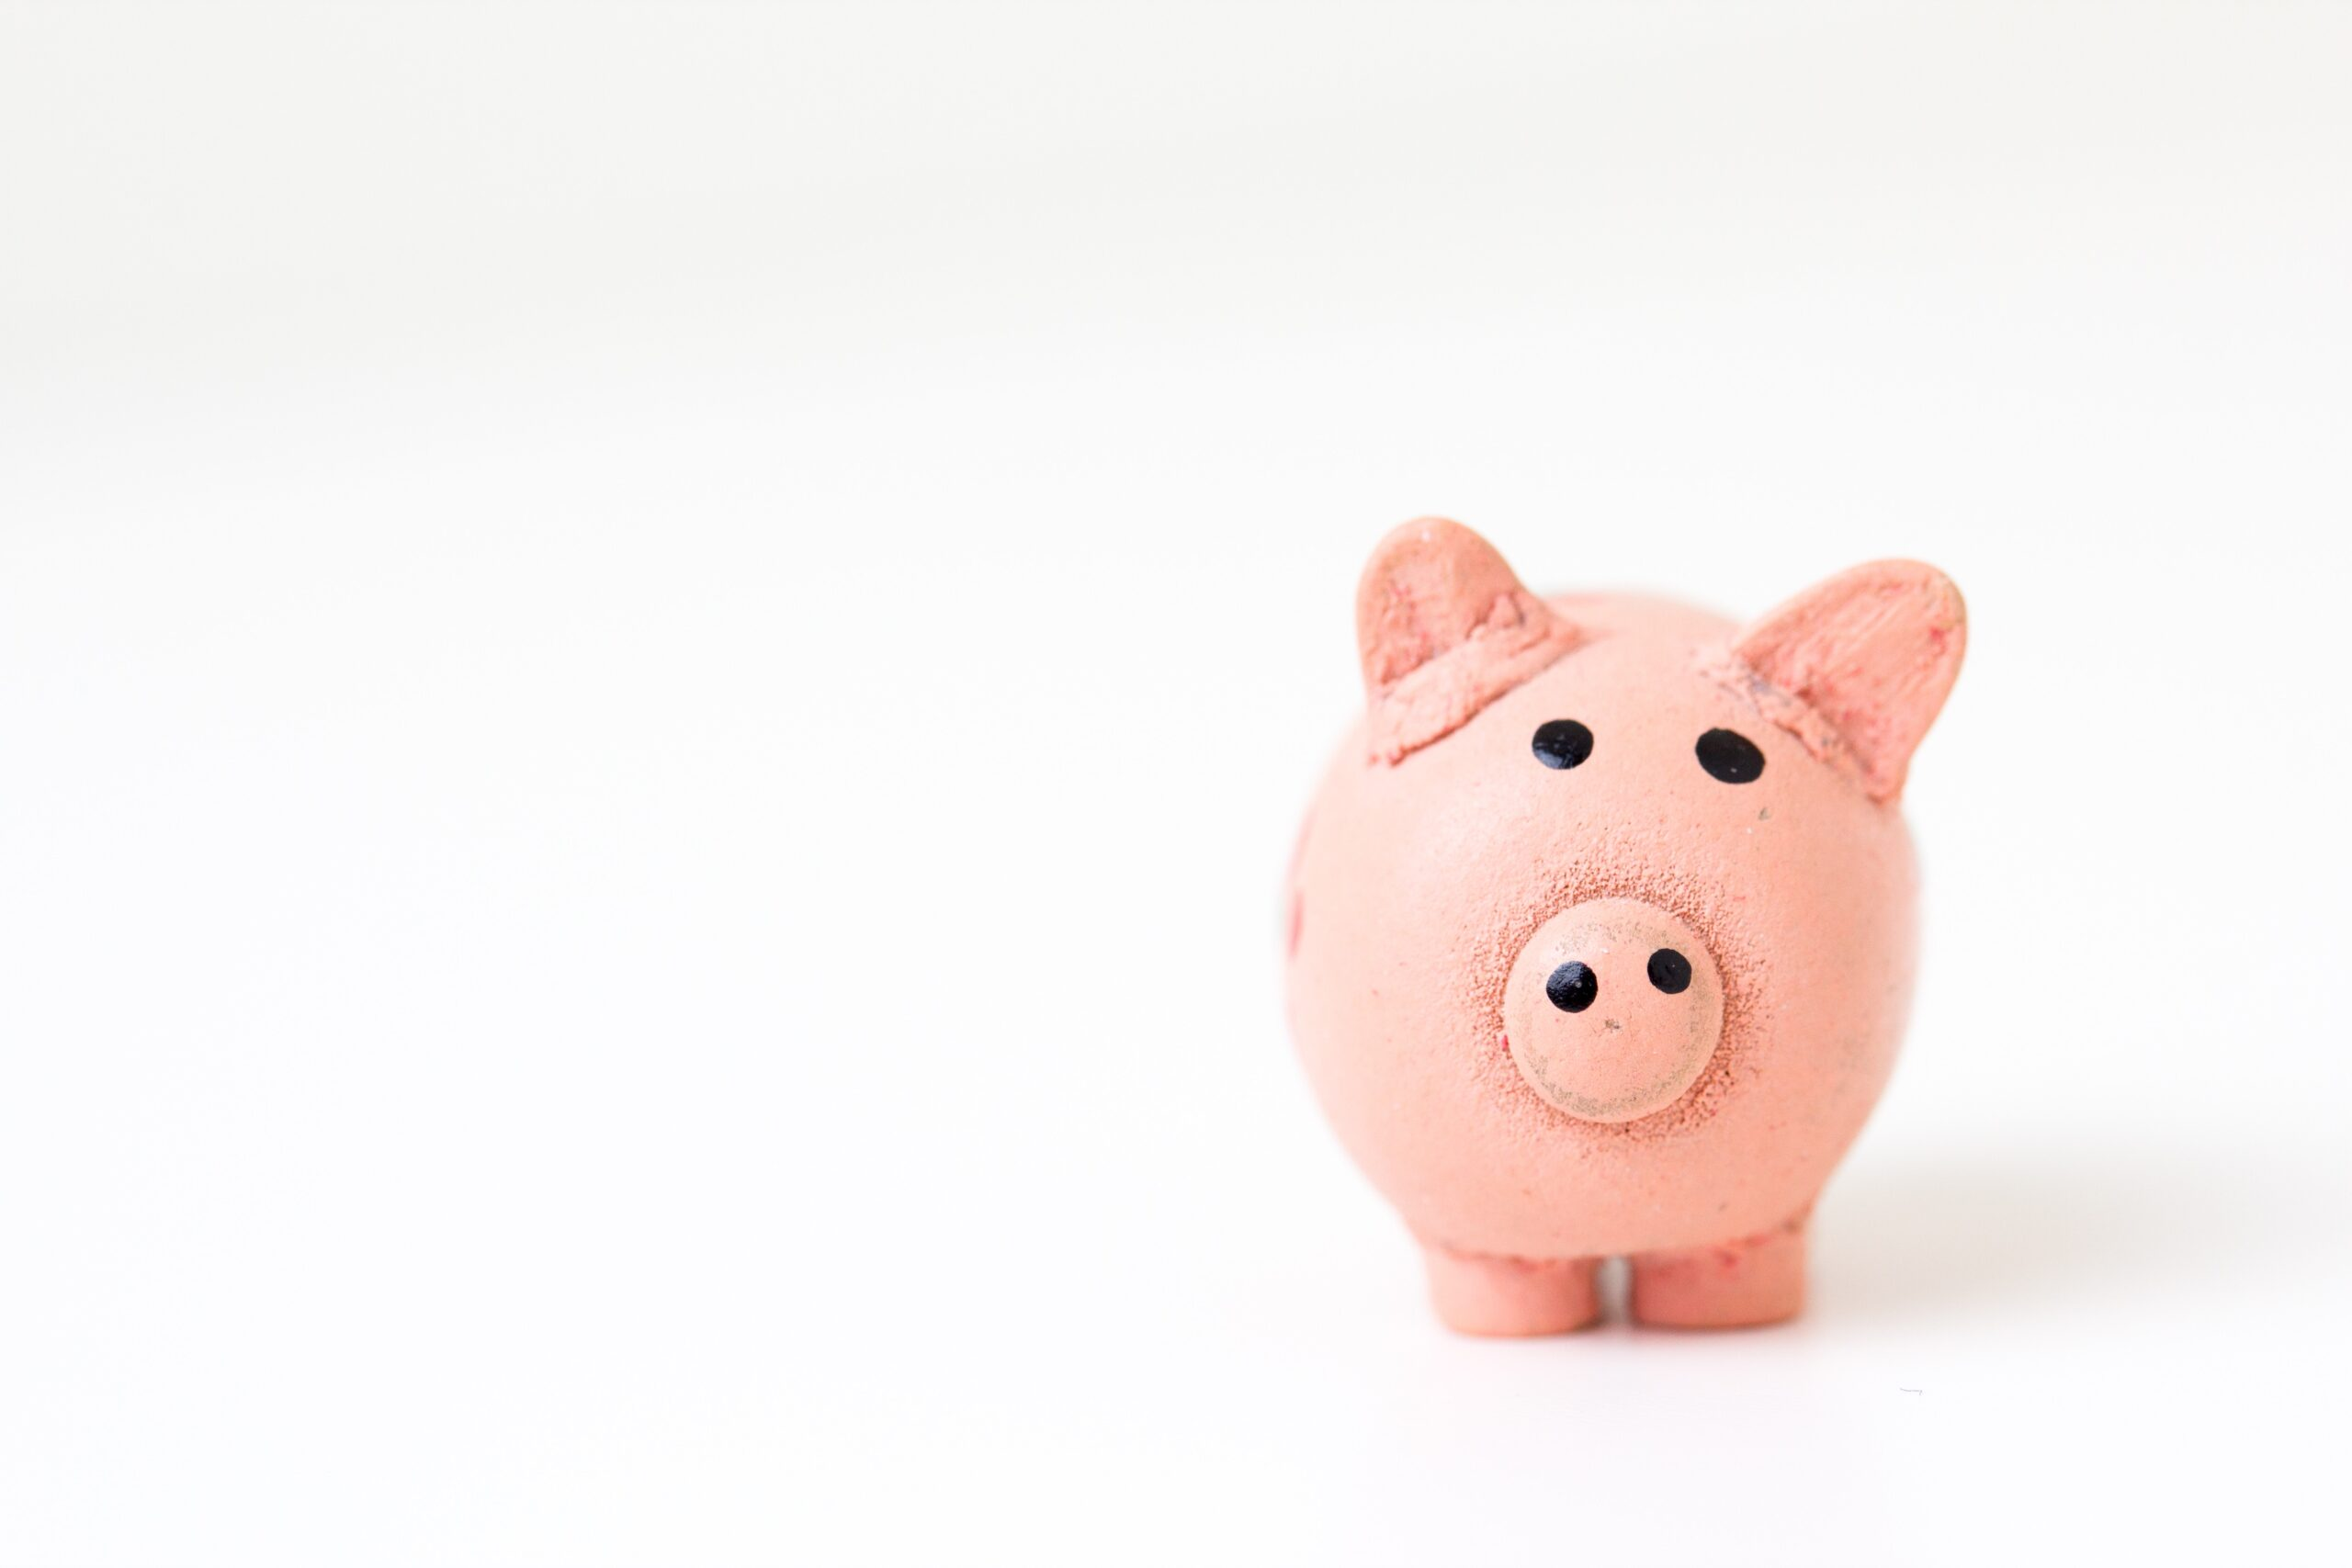 Come fare il ministero quando non si hanno soldi?